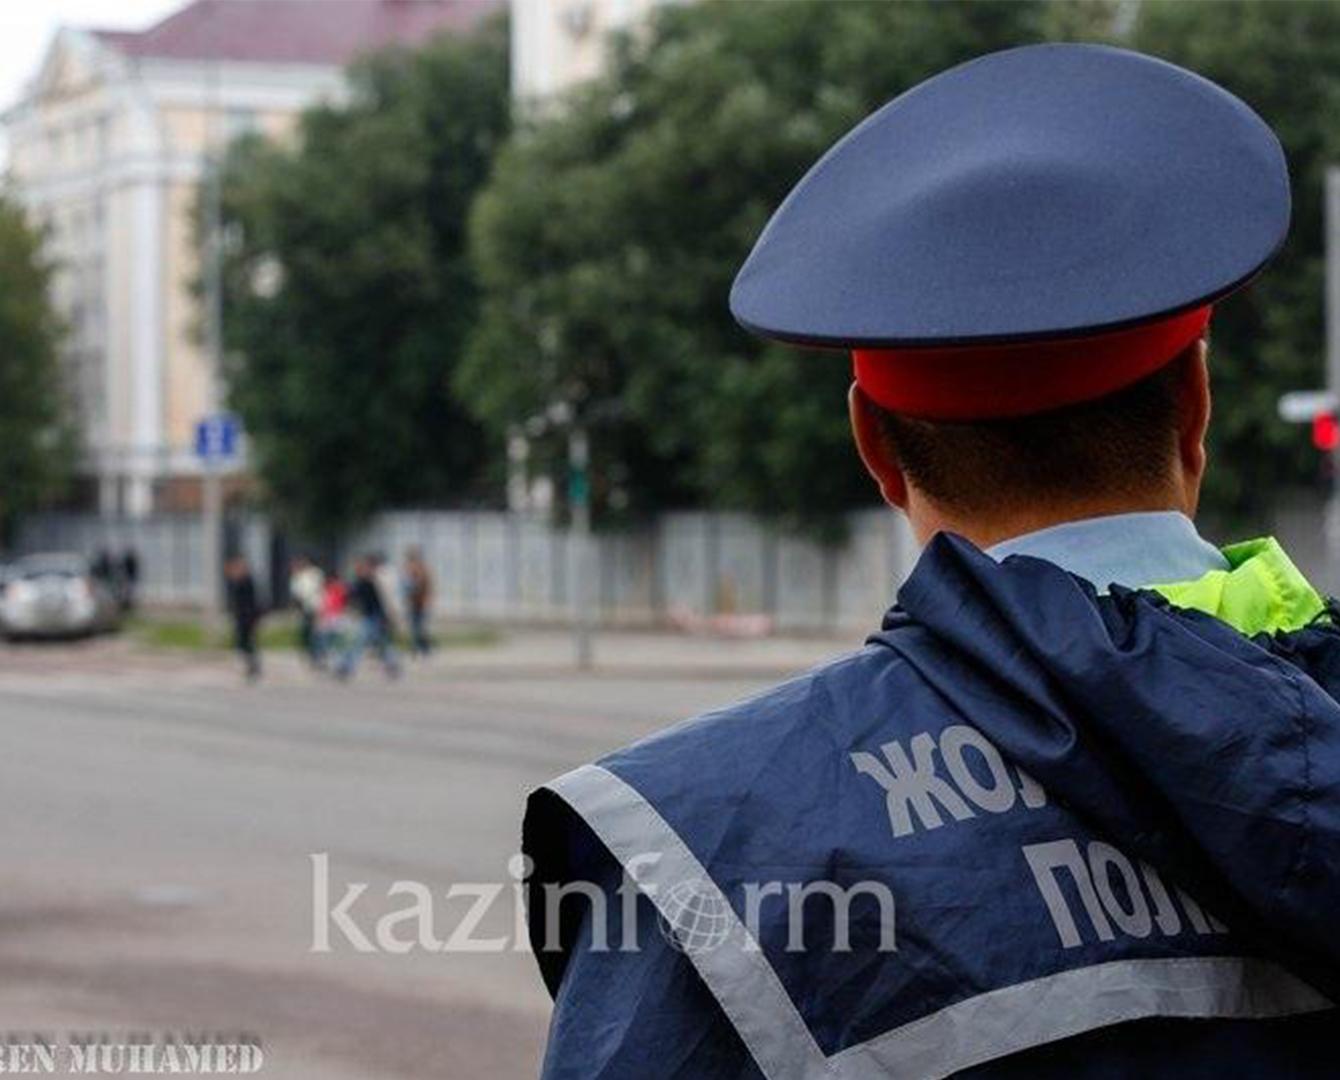 Astanada elimizdiń úzdik polıtseıleri anyqtalady